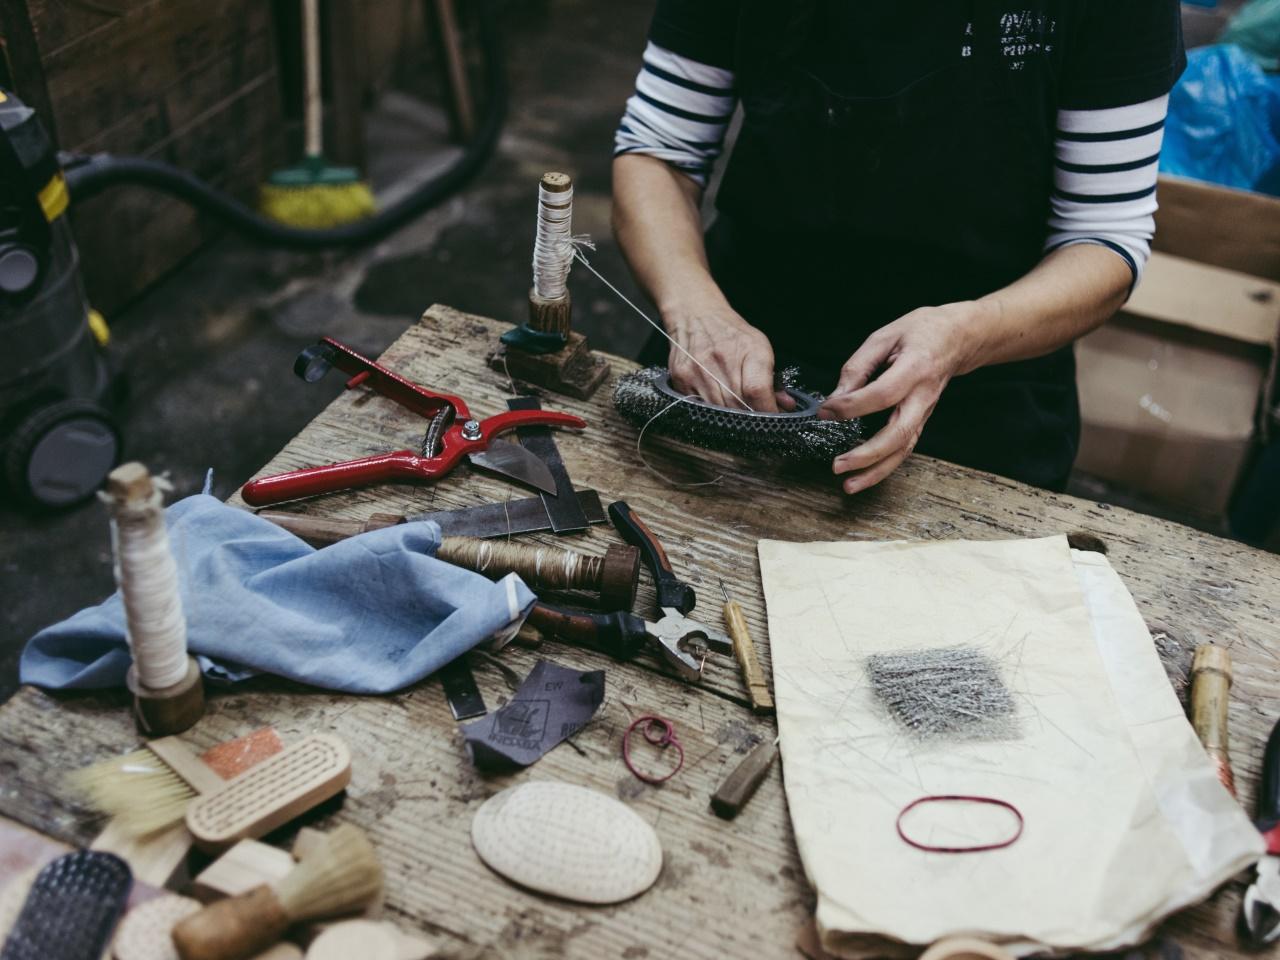 Heimwerken : Die Österreicher packen gerne selbst an